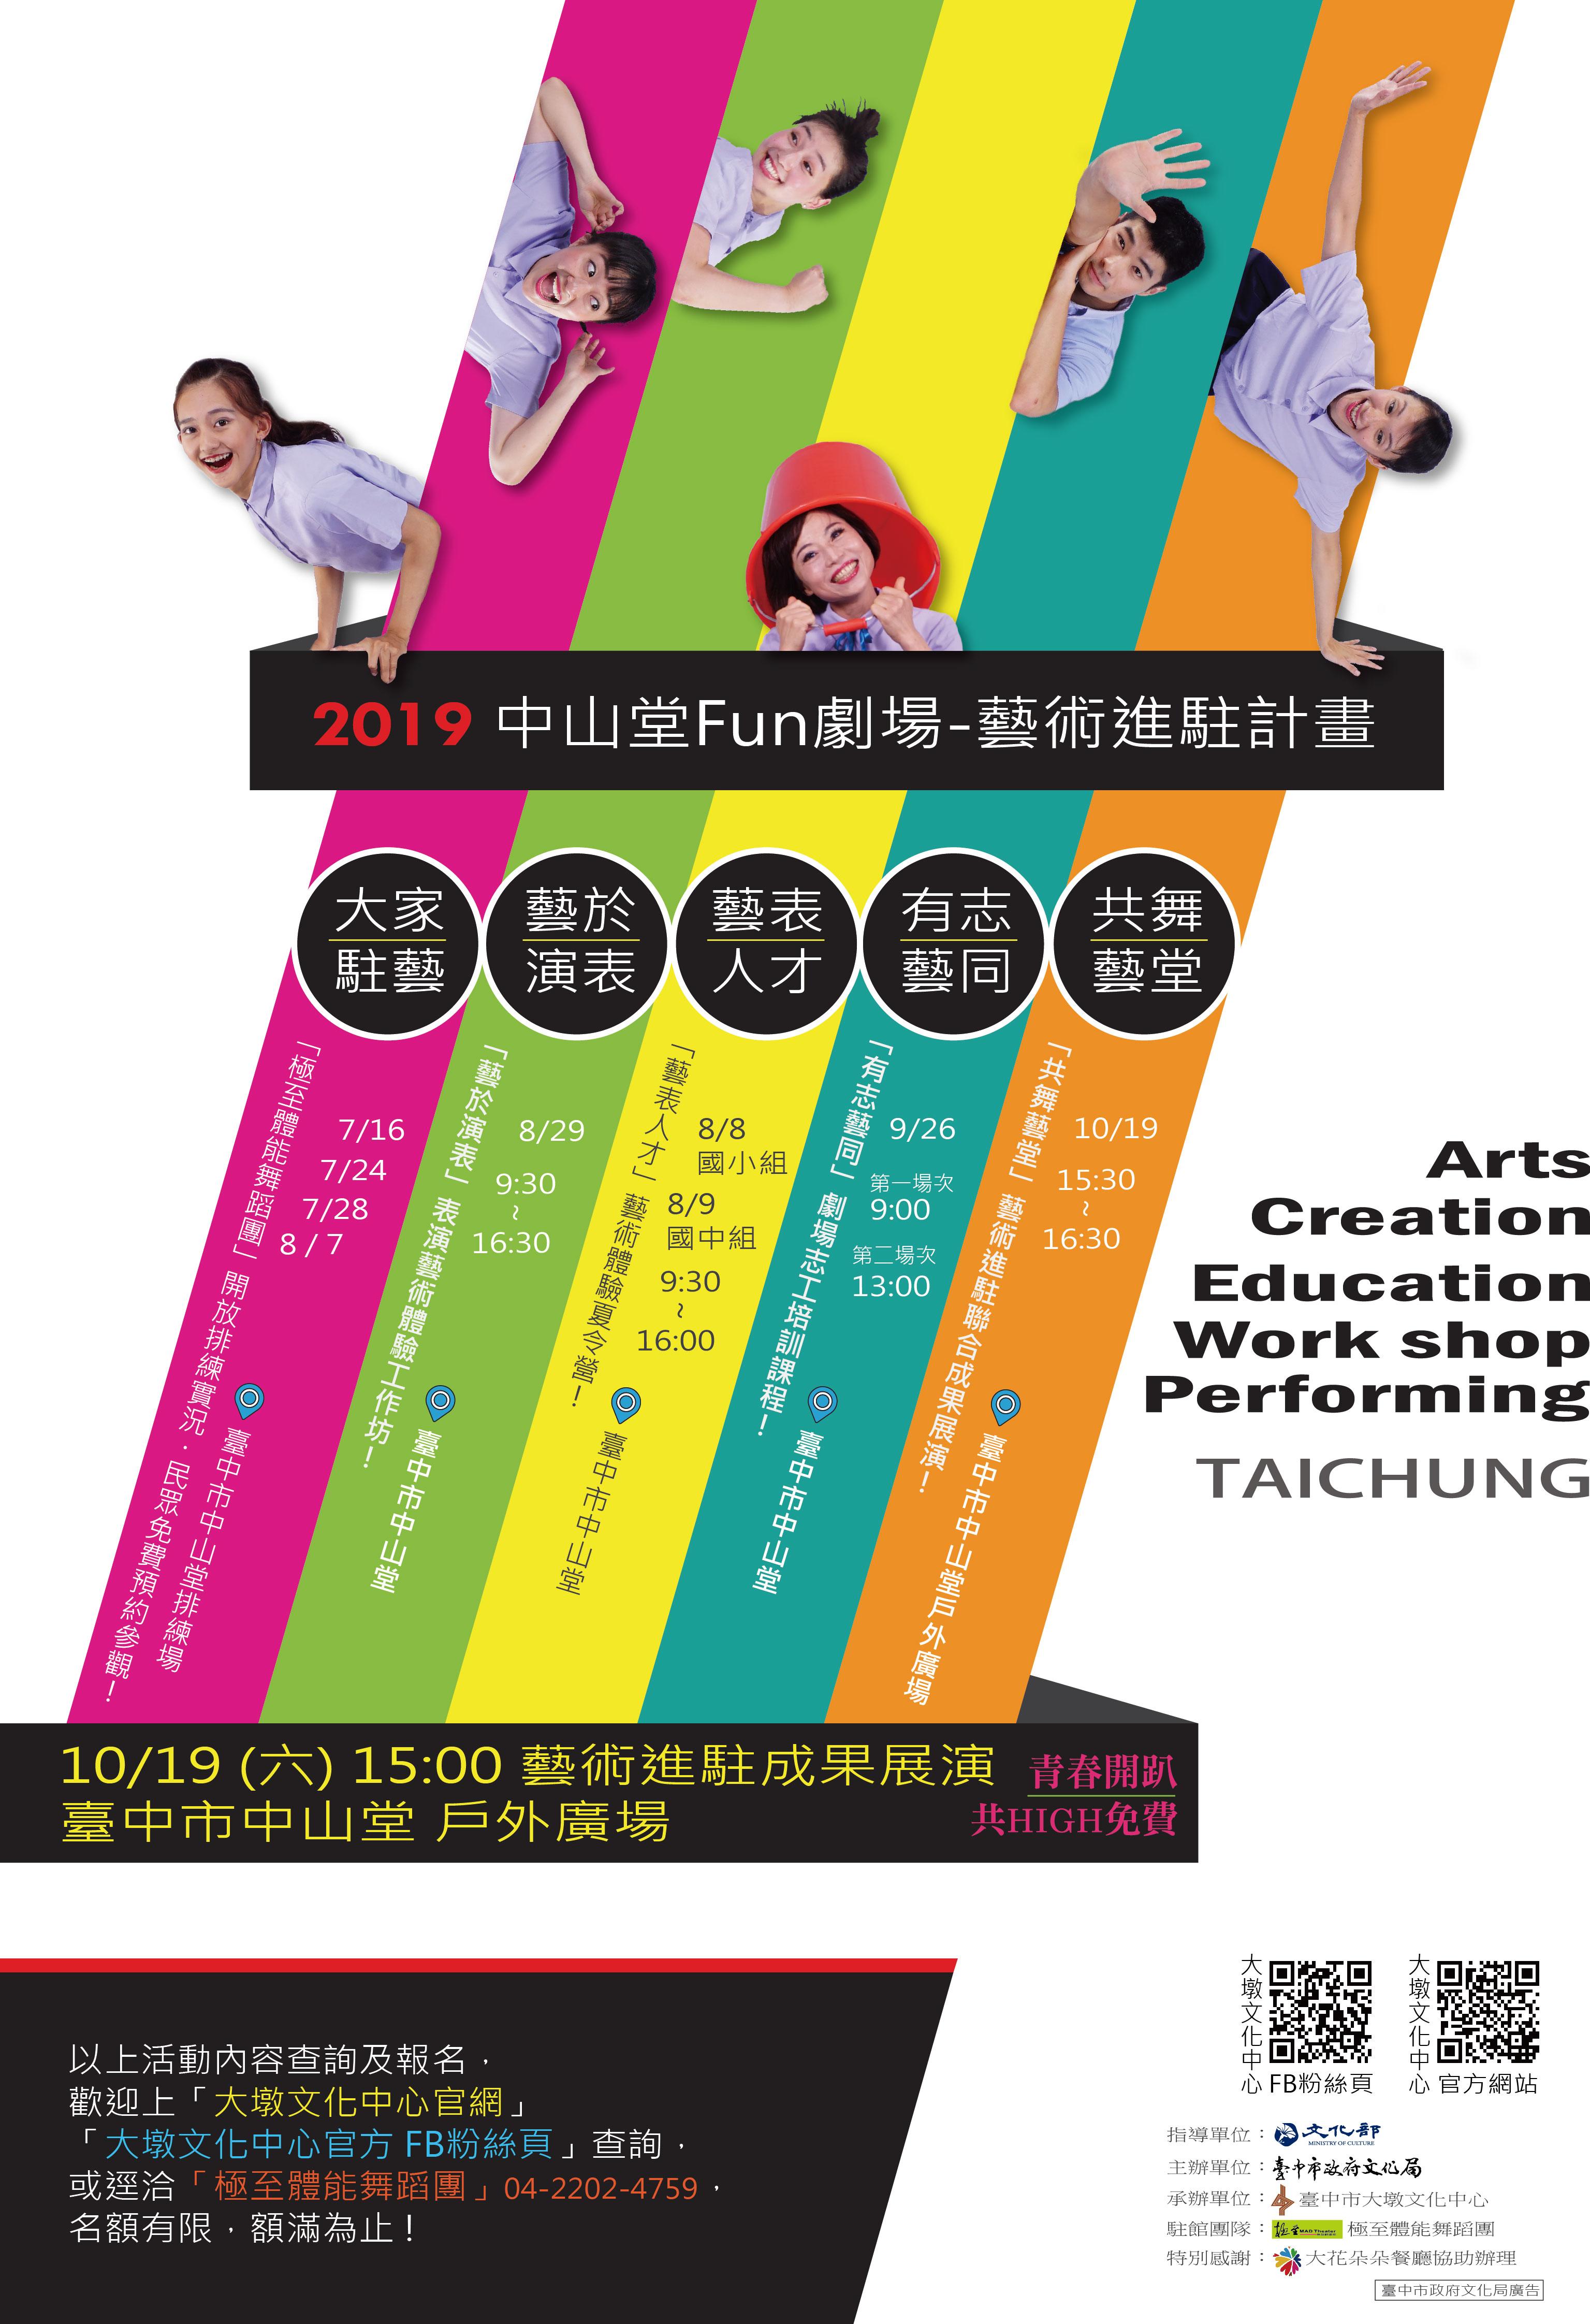 2019中山堂FUN劇場系列-大家駐藝!藝術進駐聯合成果展!、共1張圖片